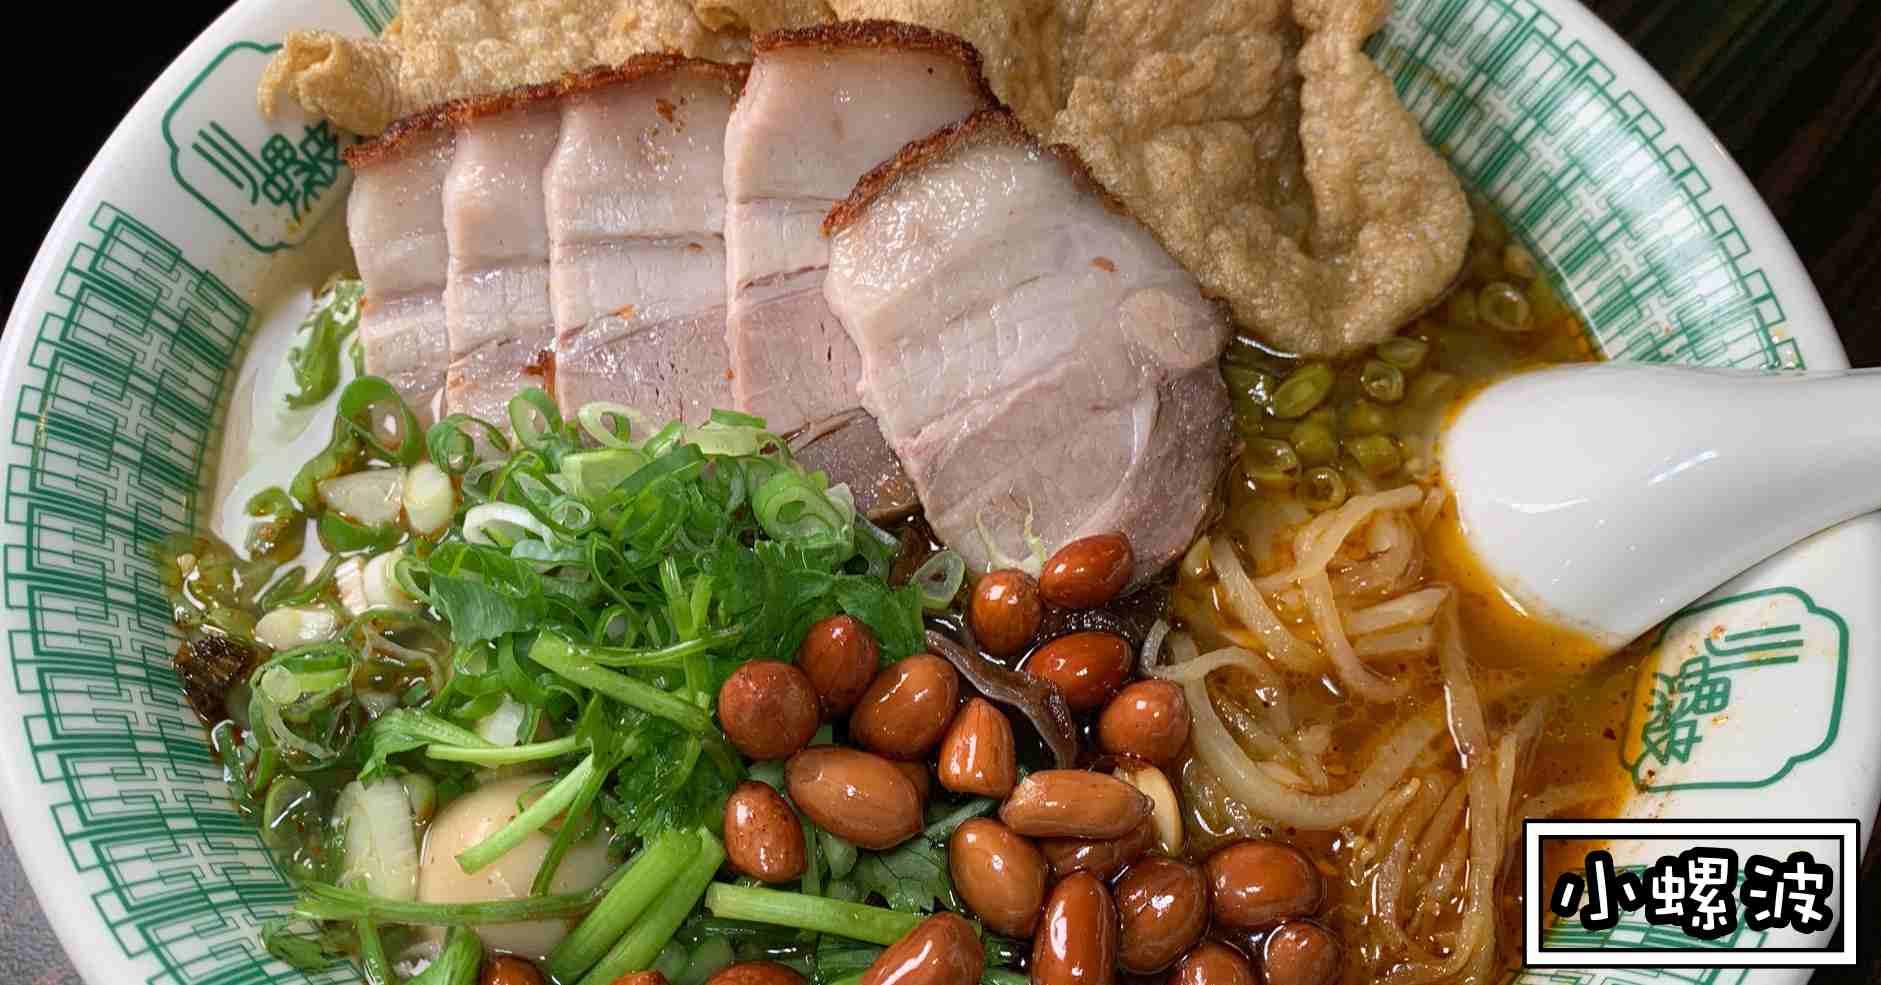 小螺波|南京復興美食-慶城街開店了!螺絲粉真的超幹好吃 (菜單價錢)